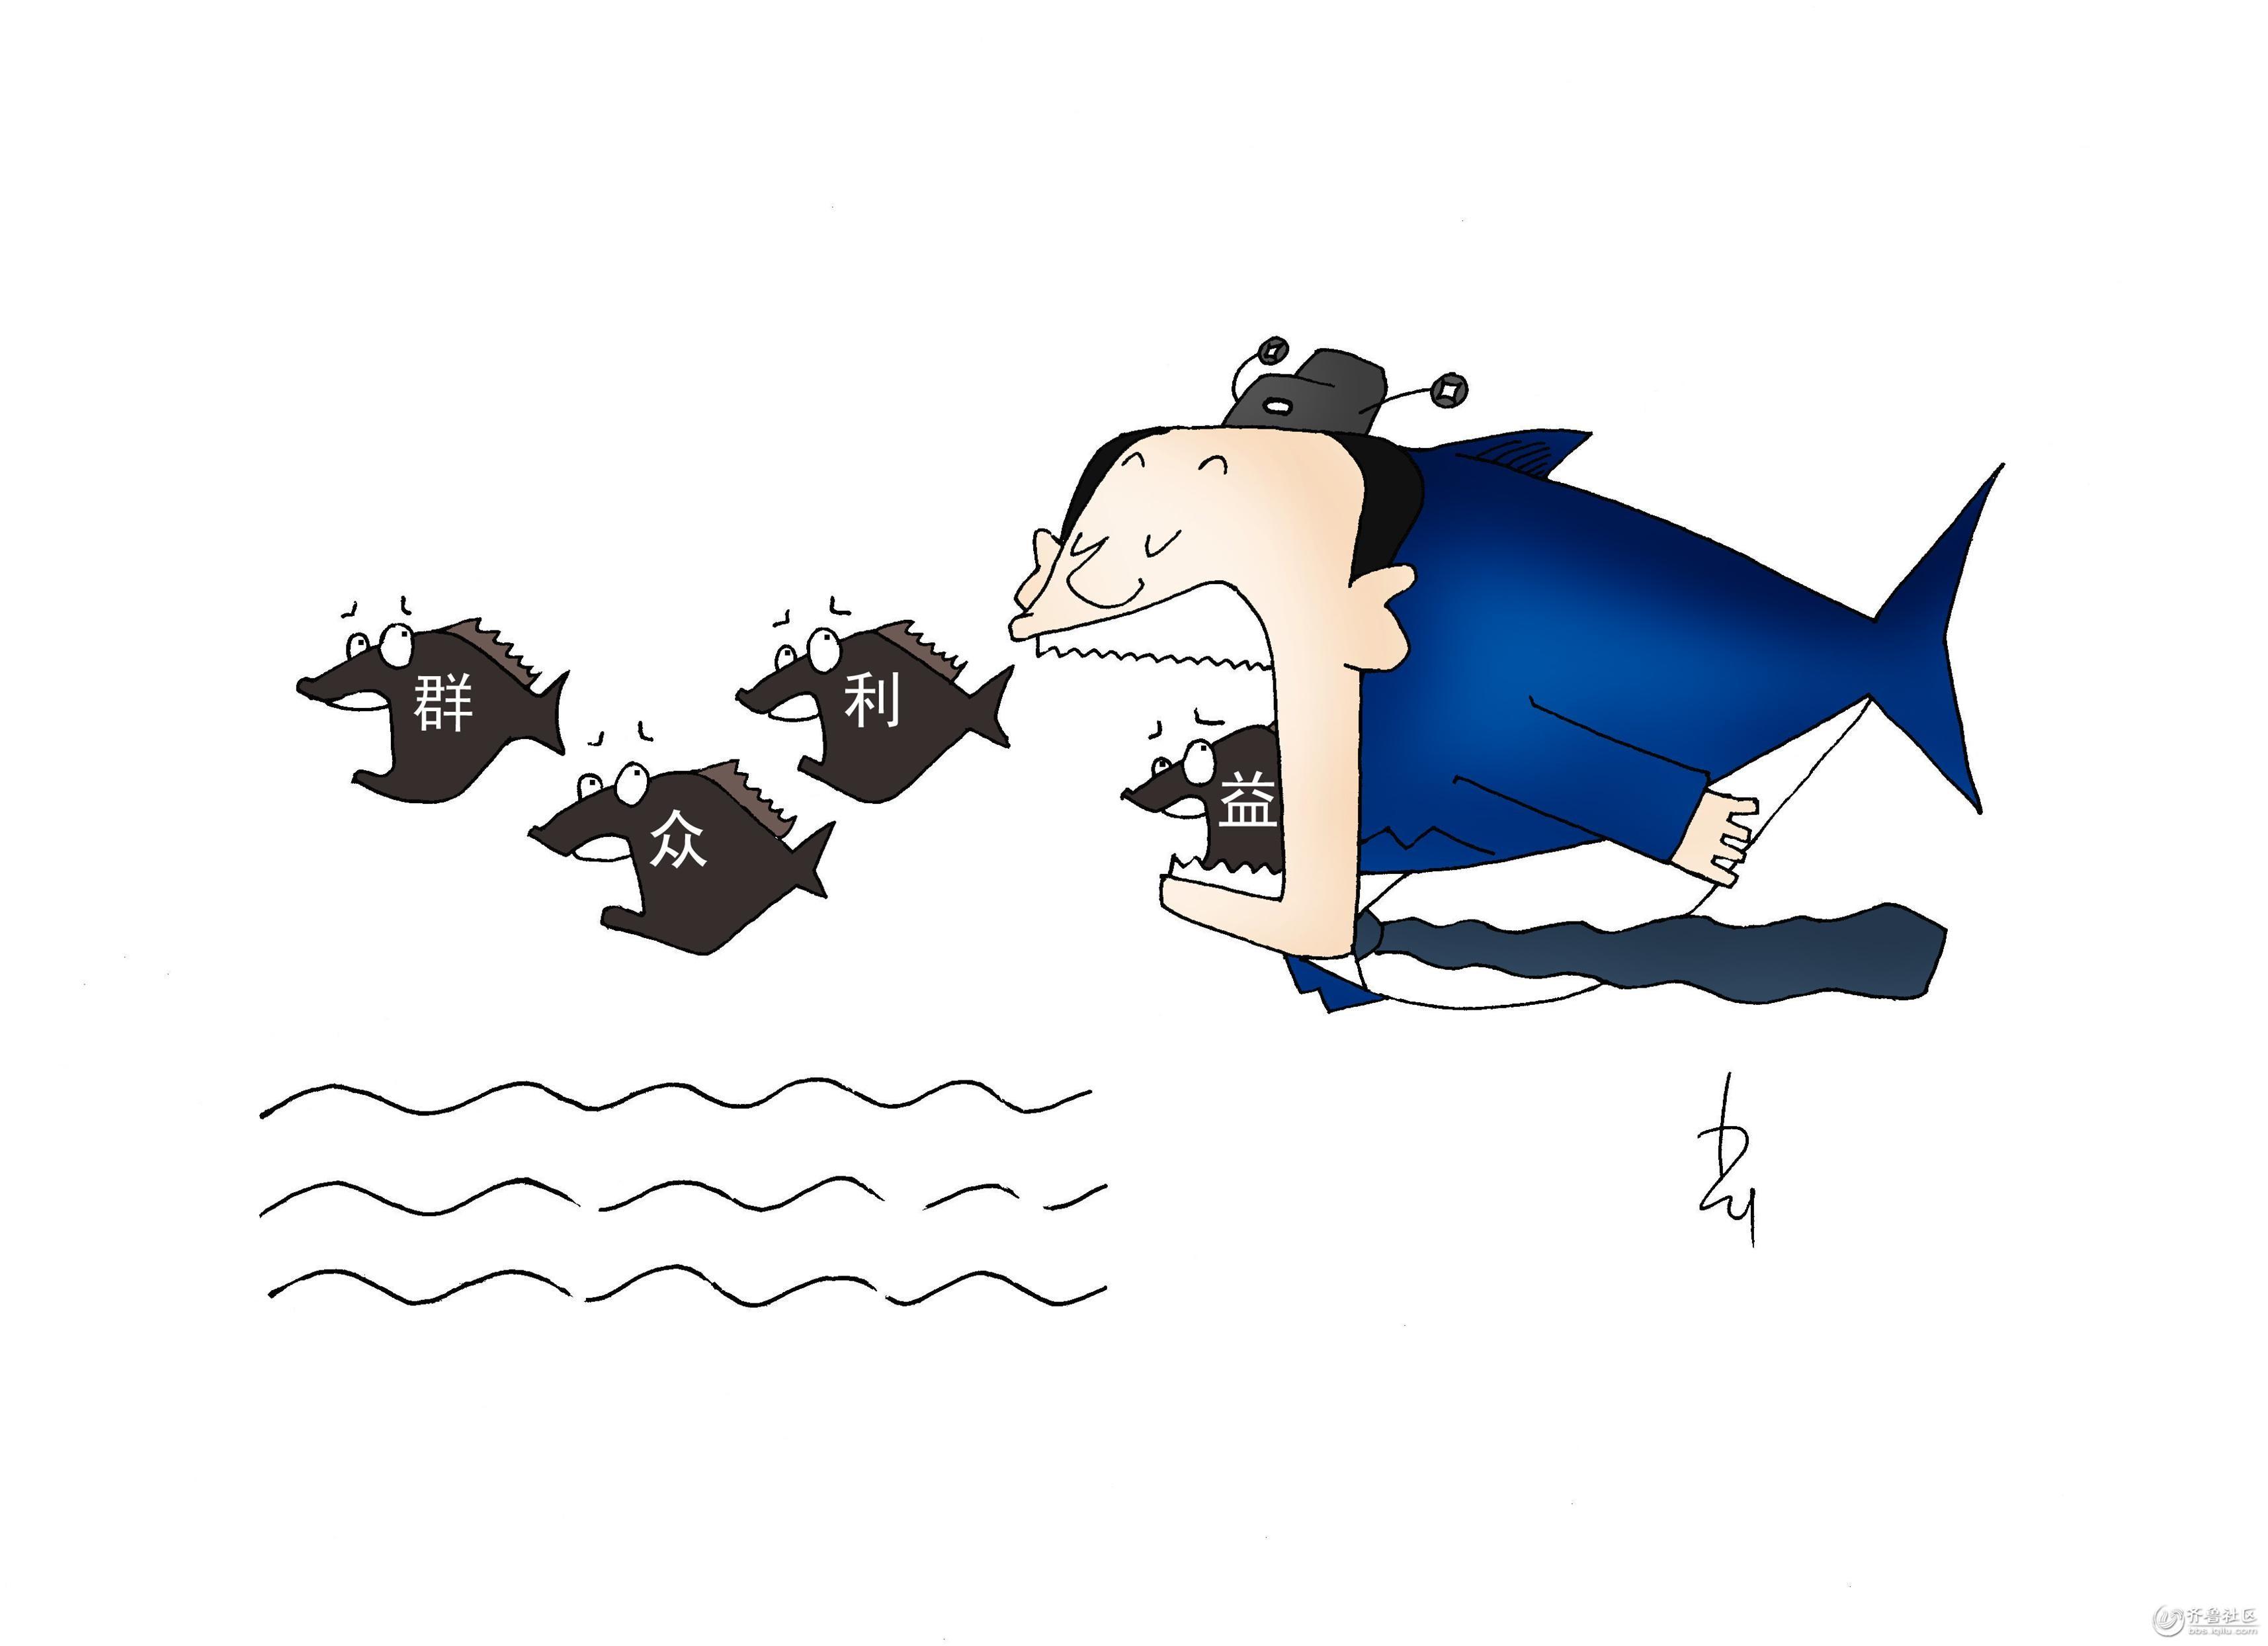 鲸吞-1.jpg